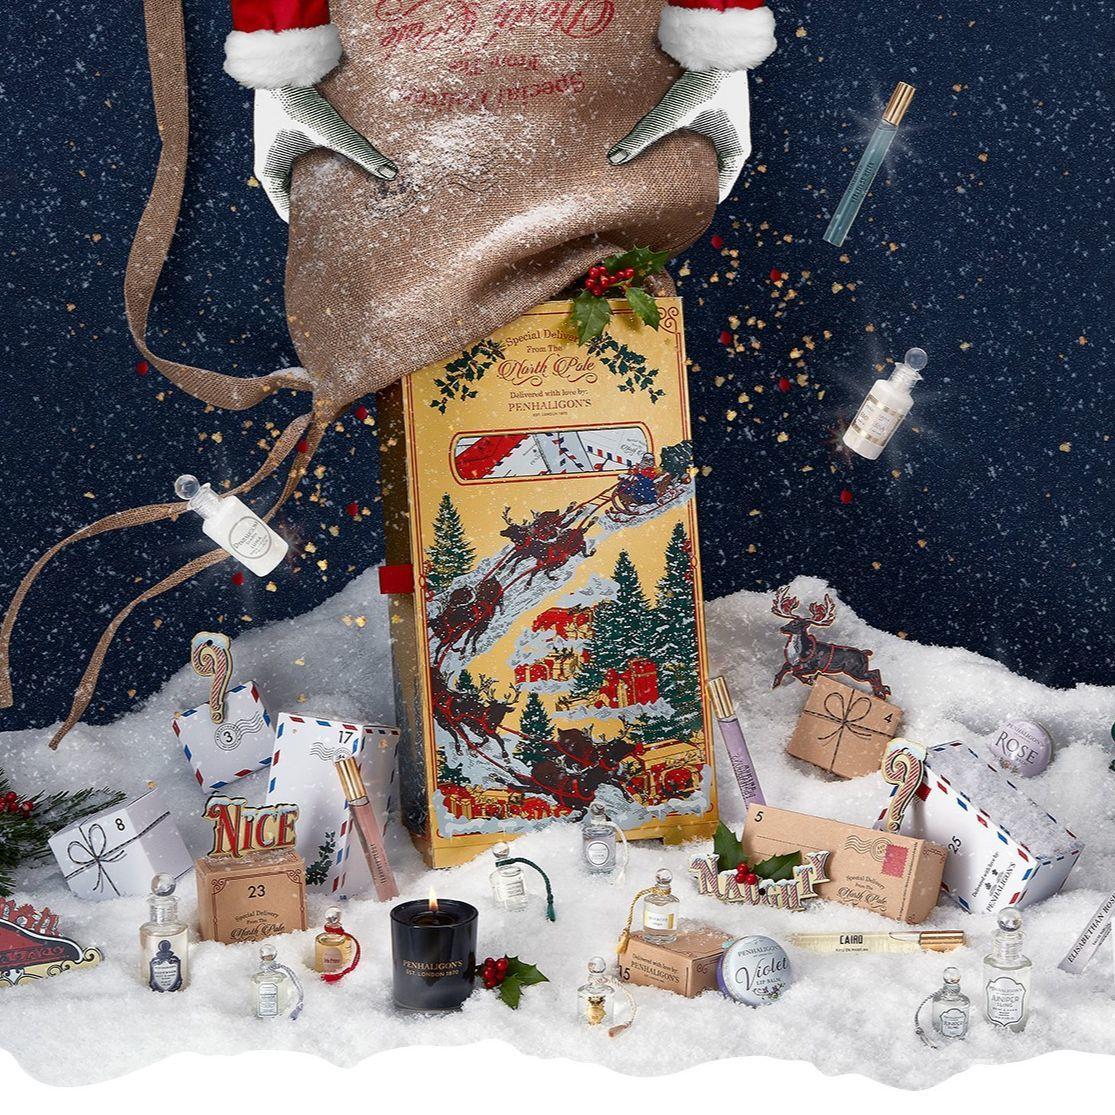 值得擁有!英國頂級香氛品牌 Penhaligon's 推出多款令人驚艷的香氣禮盒組